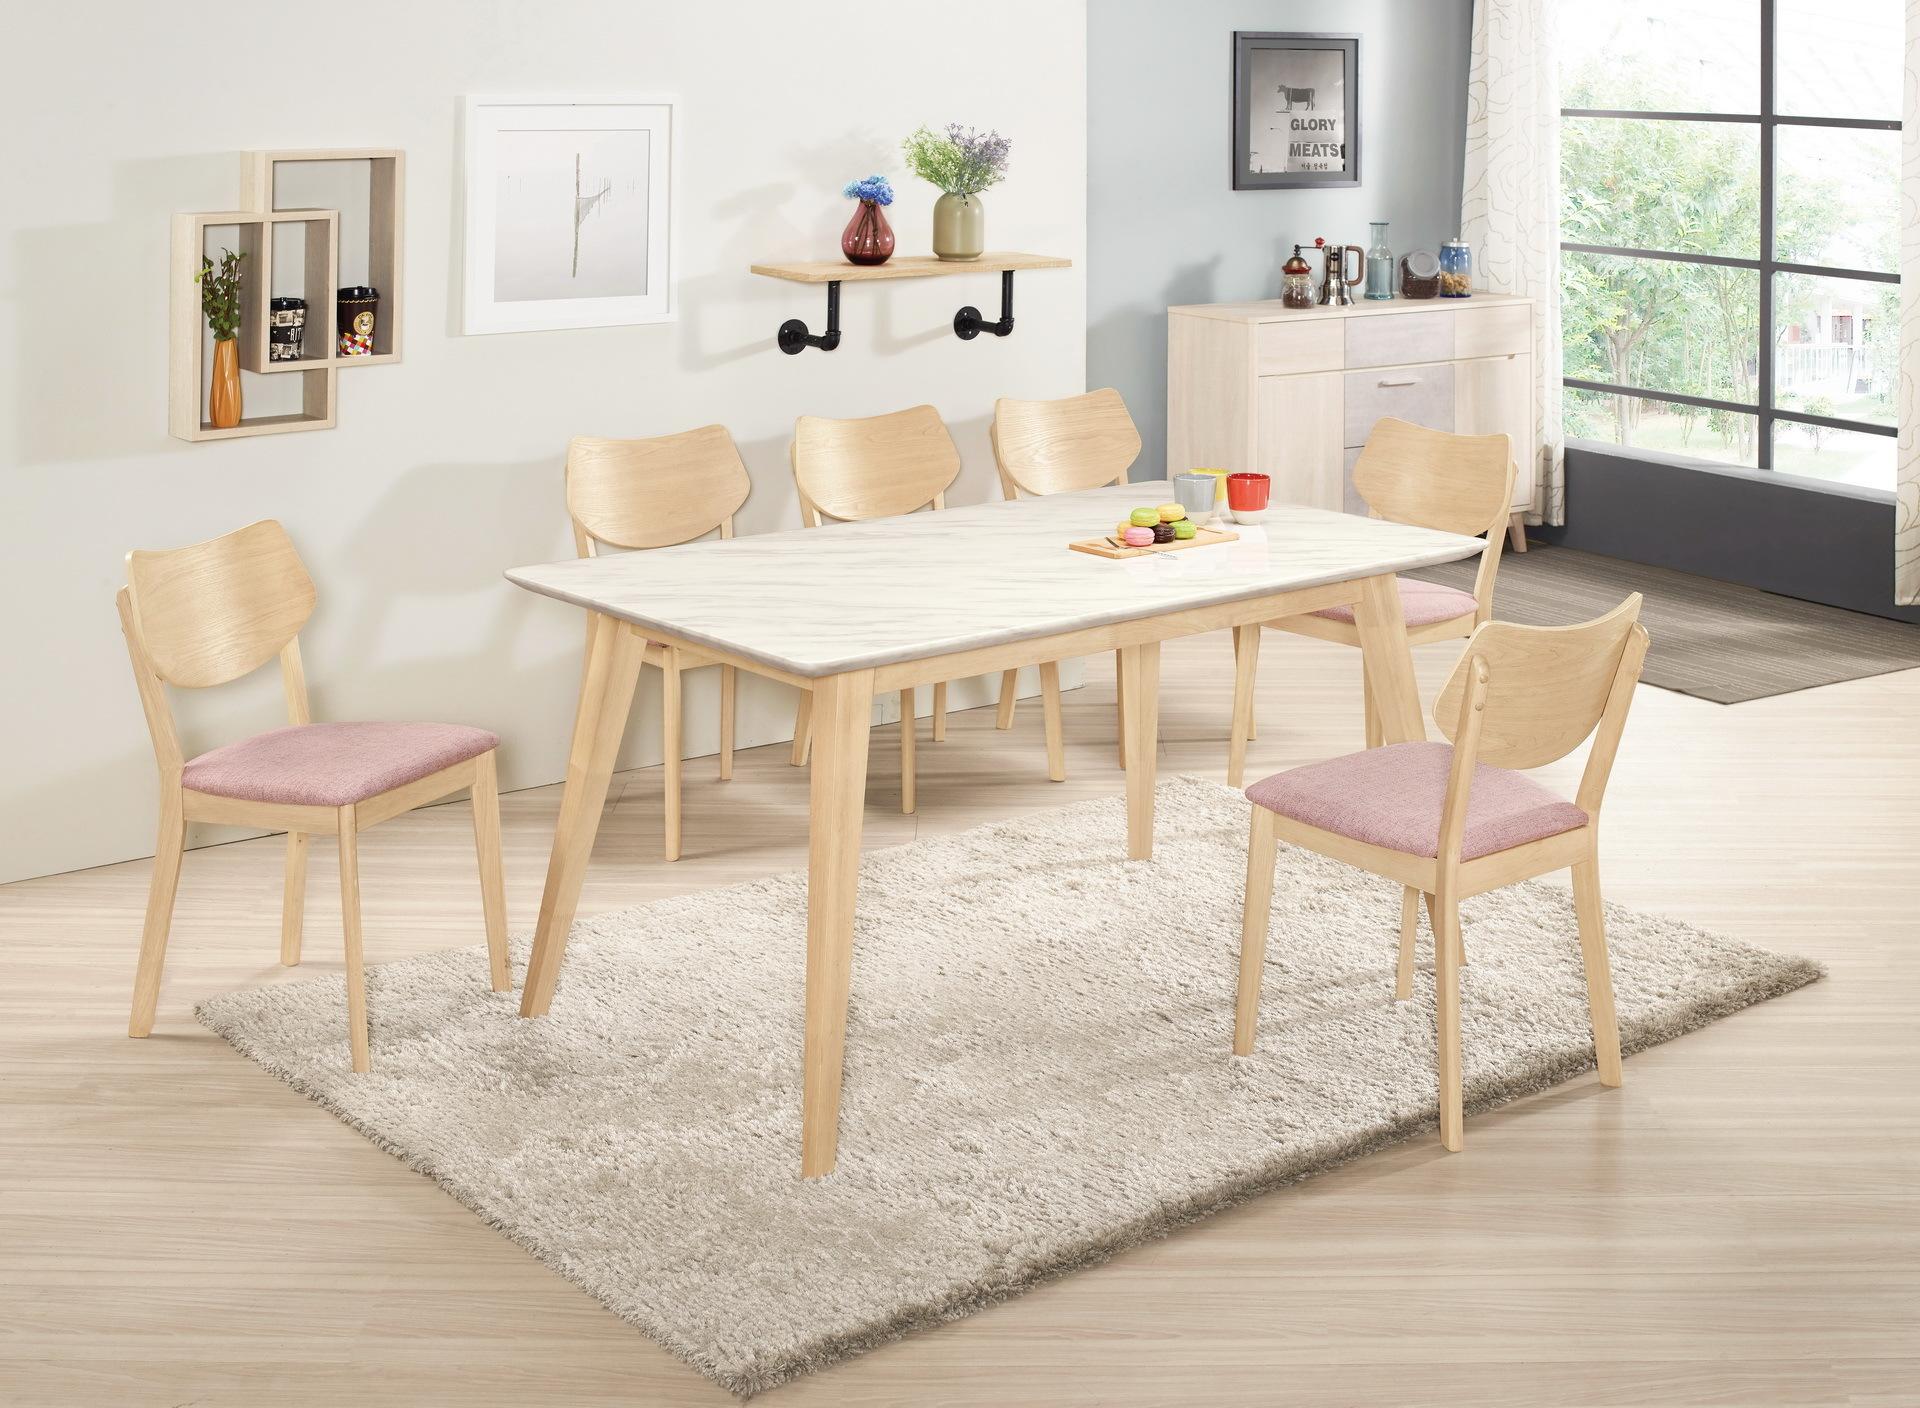 443-1 露艾琳5尺原石餐桌(洗白色)+527-13.jpg